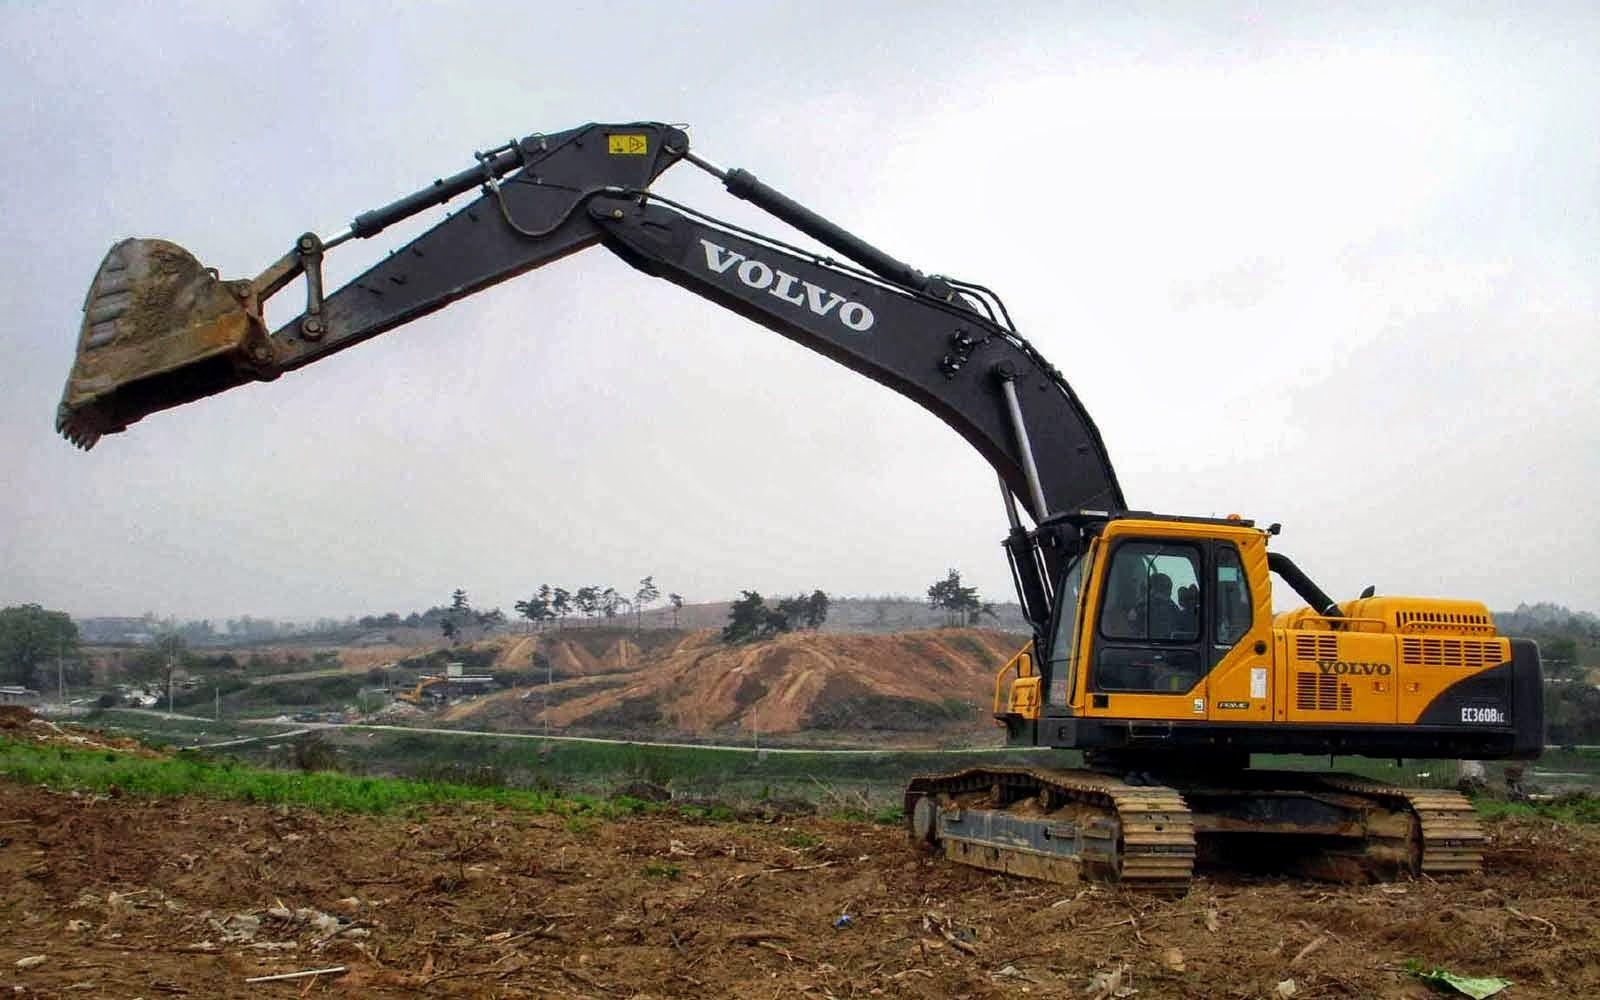 daftar harga excavator caterpillar baru dan bekas daftar harga